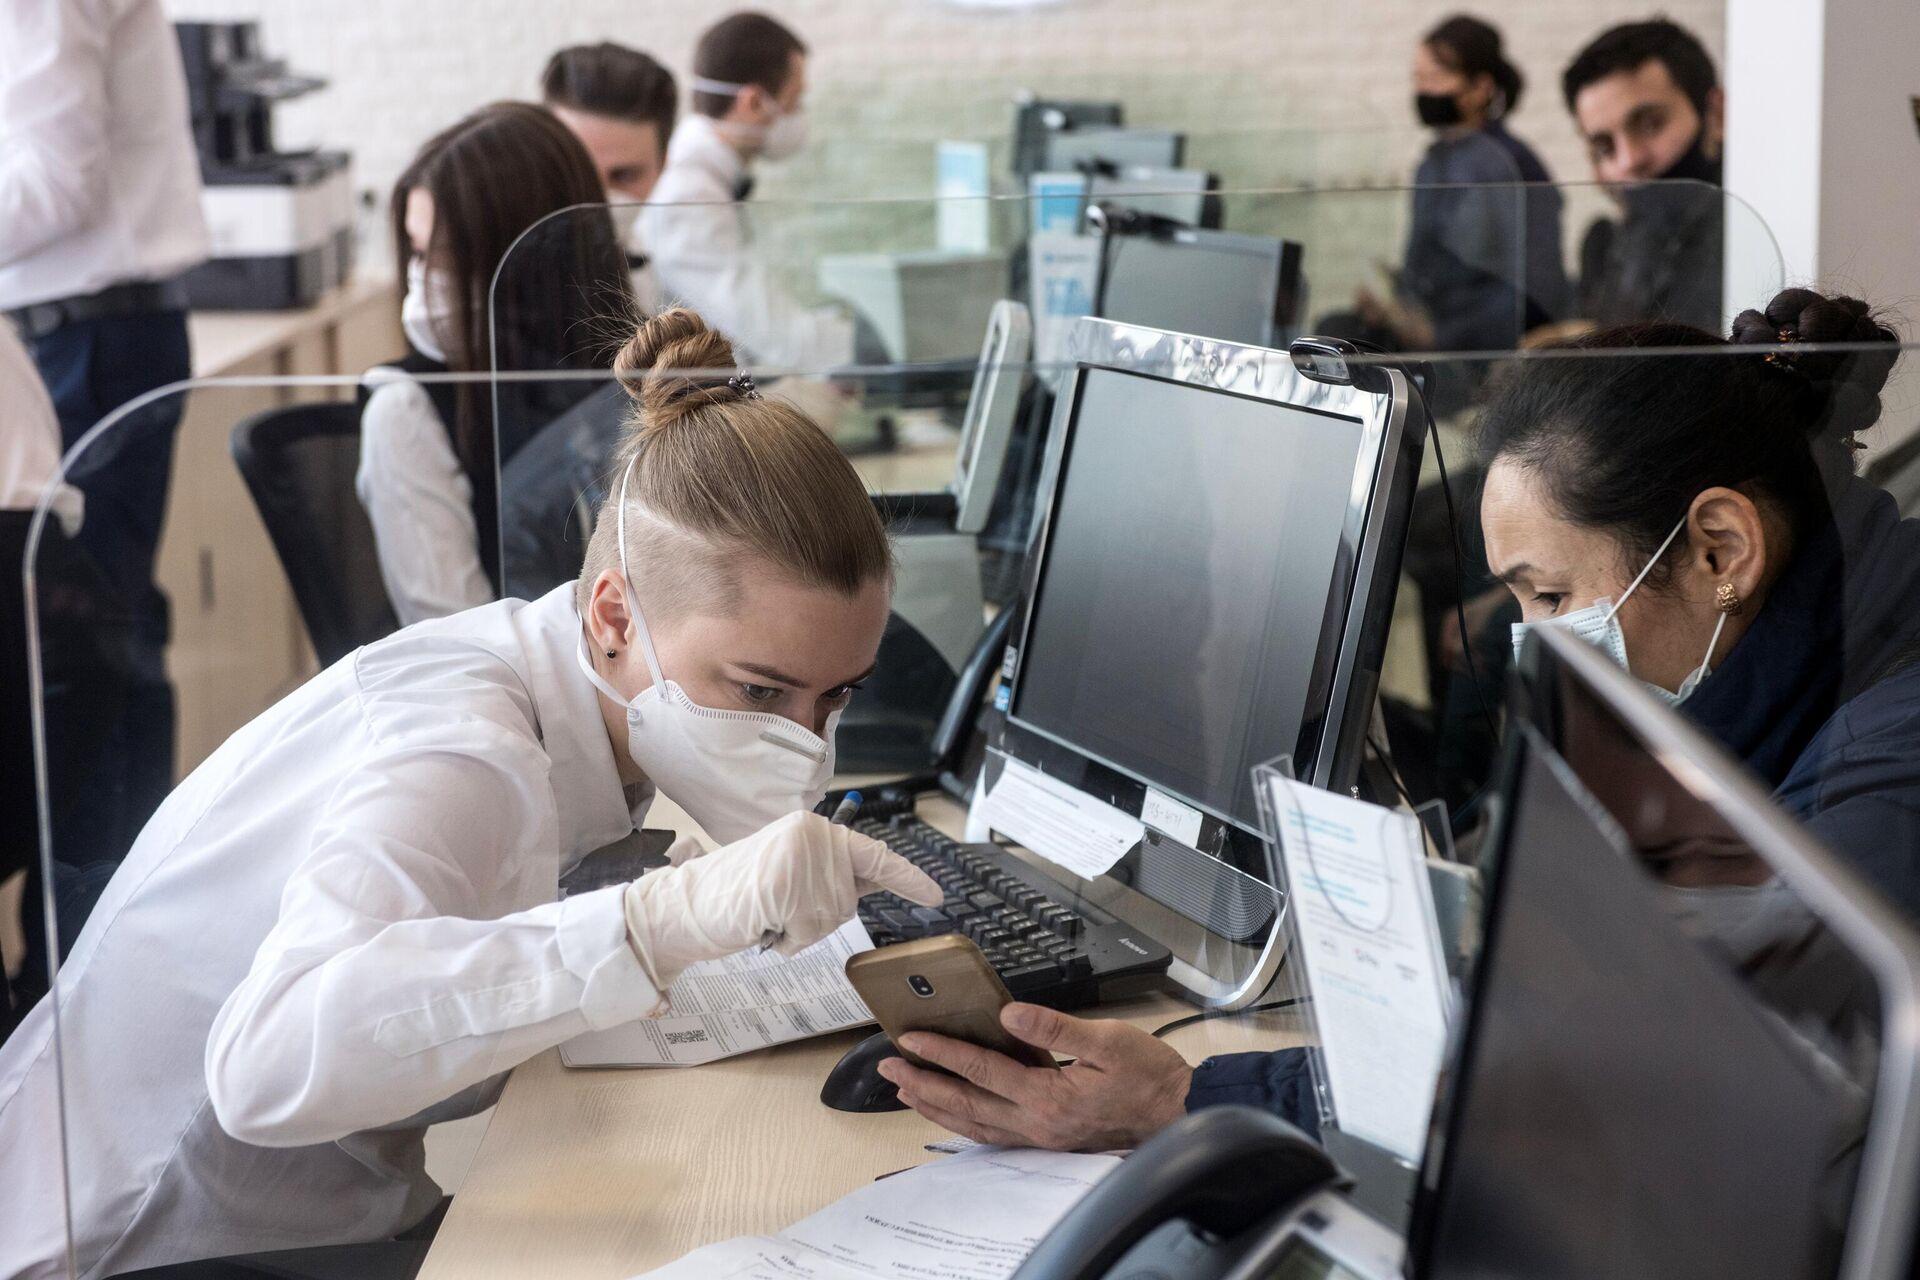 Сотрудница в защитной маске ведет прием посетителей в одном из отделений банка Открытие - РИА Новости, 1920, 08.09.2021